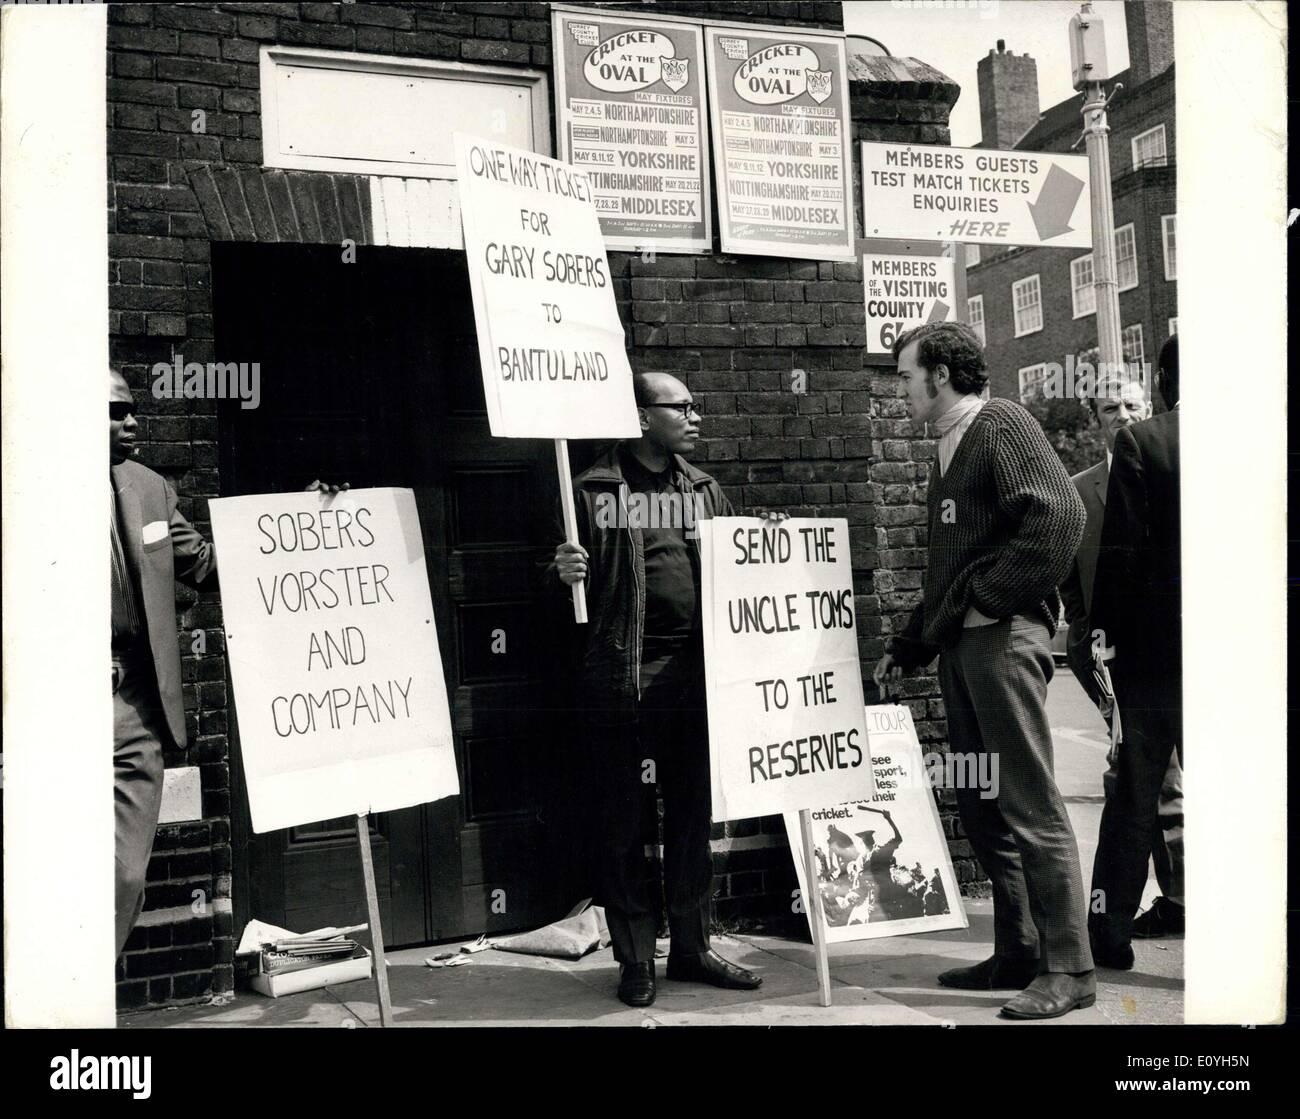 """20. Mai 1970 - Demonstration auf das Oval: West Indian Cricket spielen für englischen Grafschaften """"Pilooried"""" werden, wenn sie sich weigern, unterstütze die Forderung nach der südafrikanischen Tour stop der Westindischen Kampagne gegen Apartheid Cricket sagte gestern. Die Kampagne hat nur fünf Antworten auf 30 Briefe an alle West-Indische und asiatische Spieler in Großbritannien drängte sie zu verweigern, die Förderung der Tour helfen, indem Sie öffentlich erklärt, dass sie es nicht unterstützen würde Stockbild"""